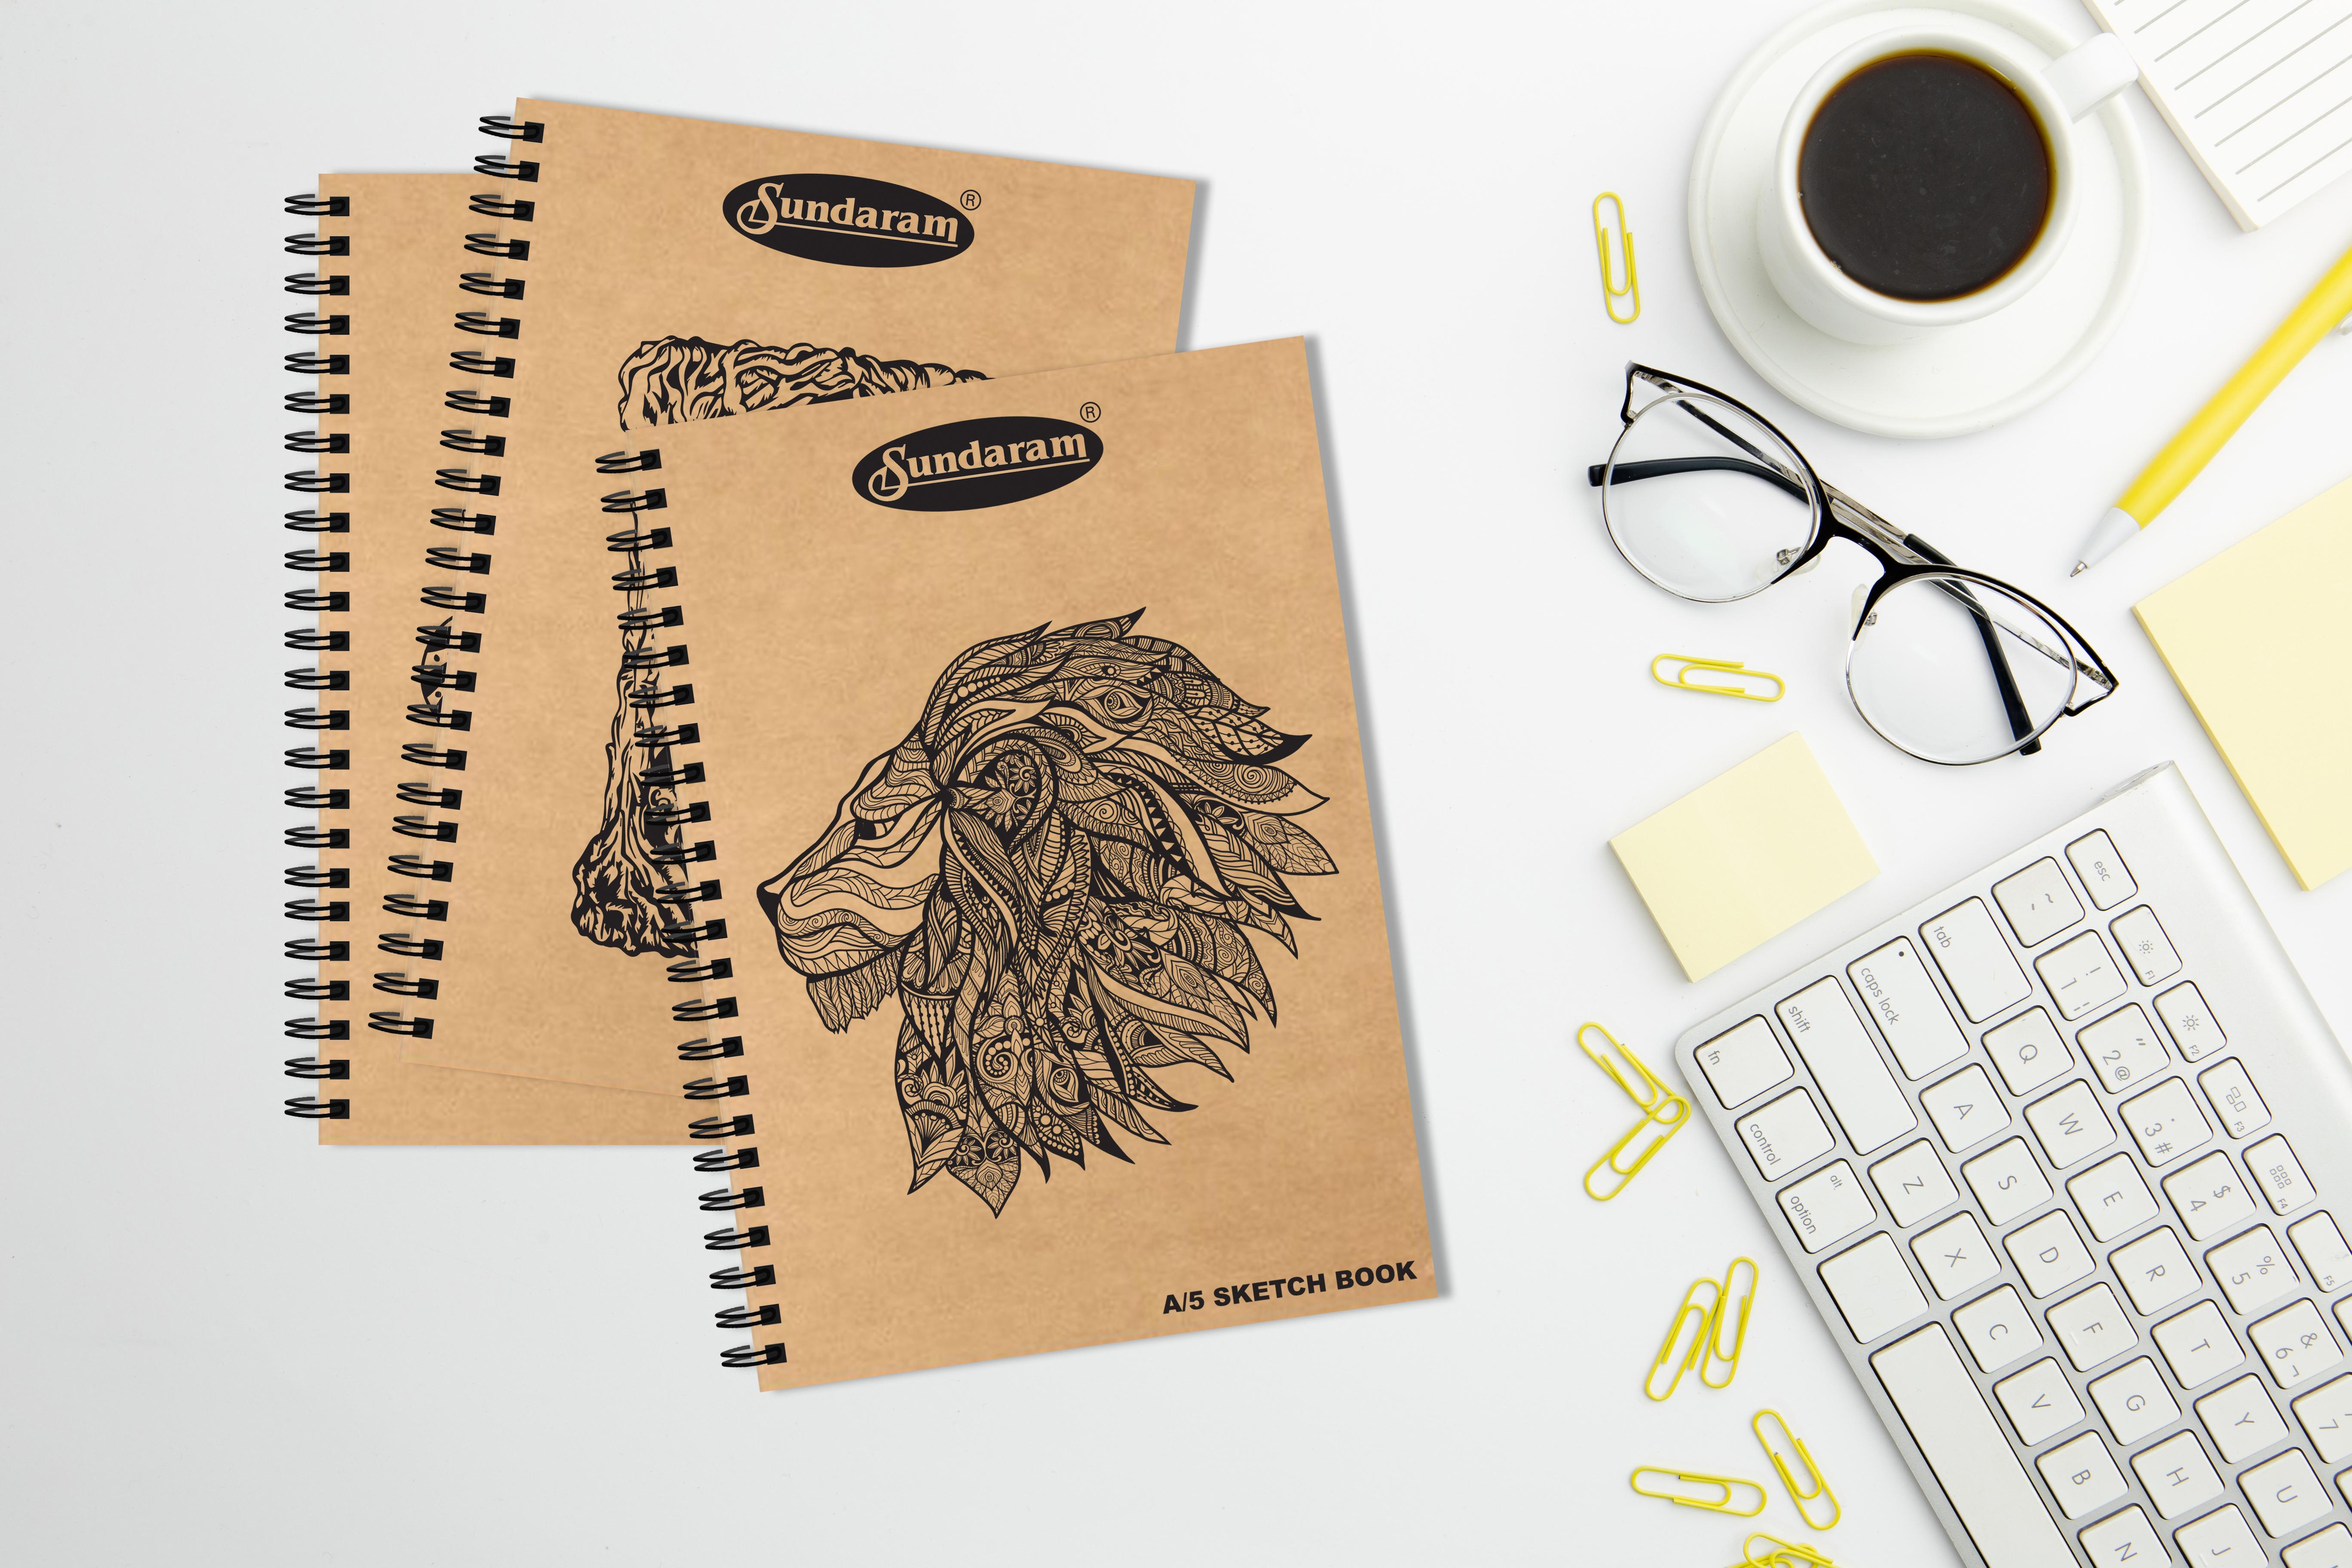 Sundaram A/5 Sketch Book - 100 Pages (D-14)